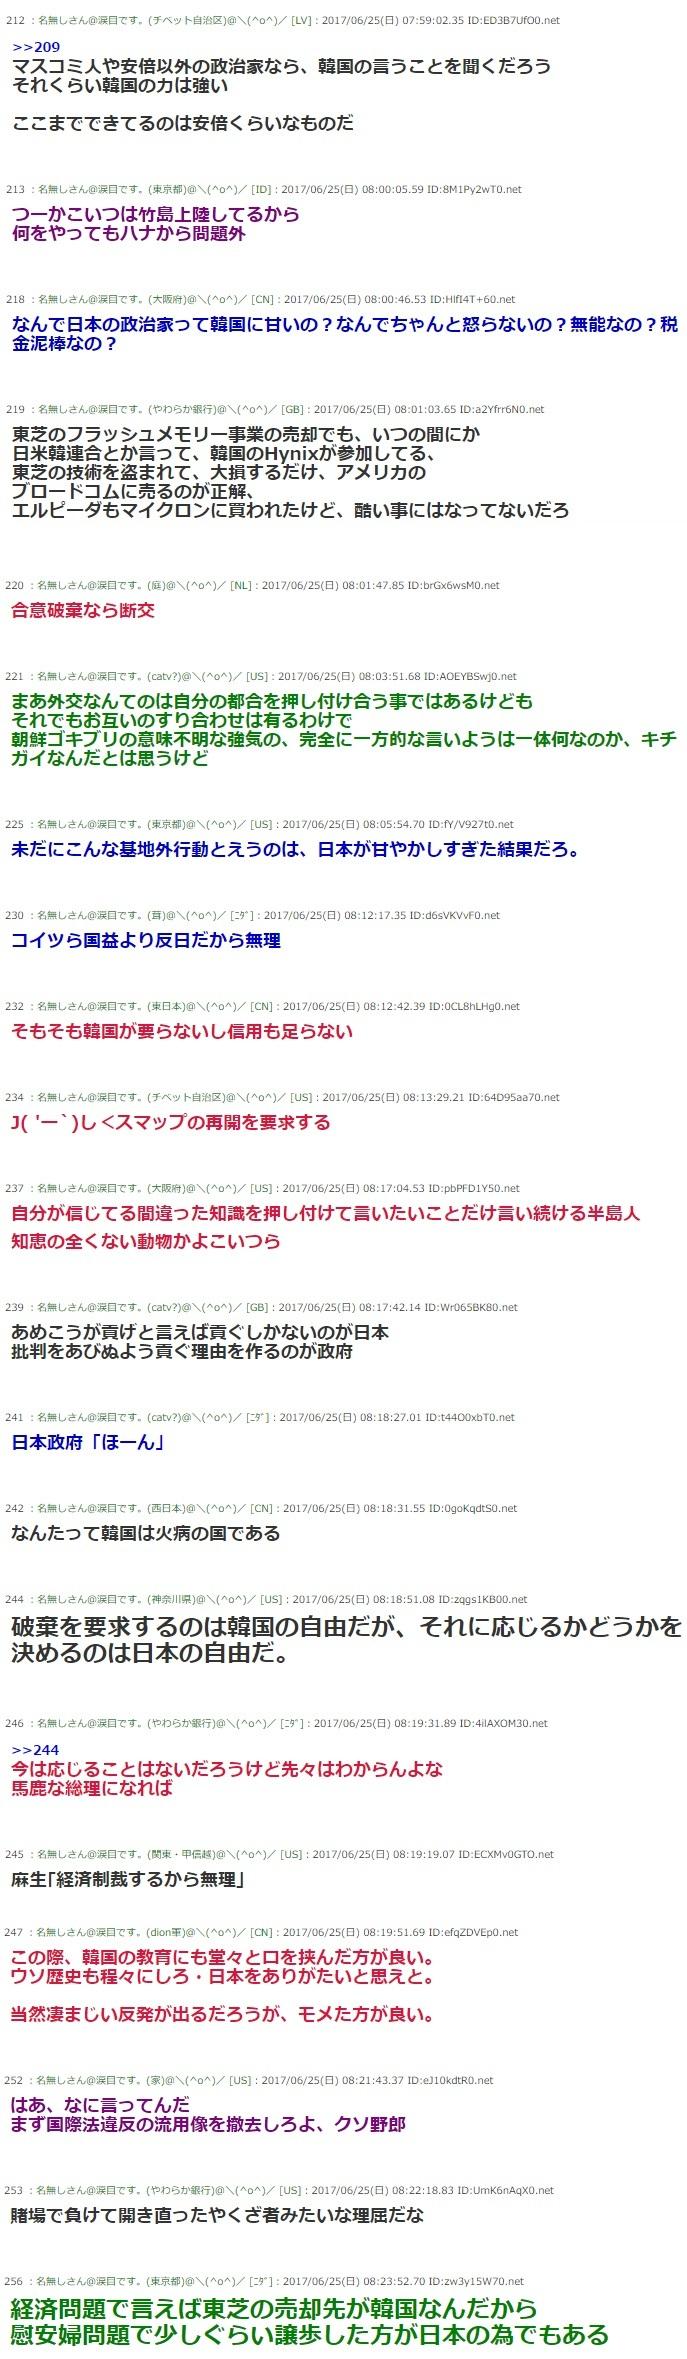 「日本の努力が足りない」といいながらスワップなど改善切望の韓国4